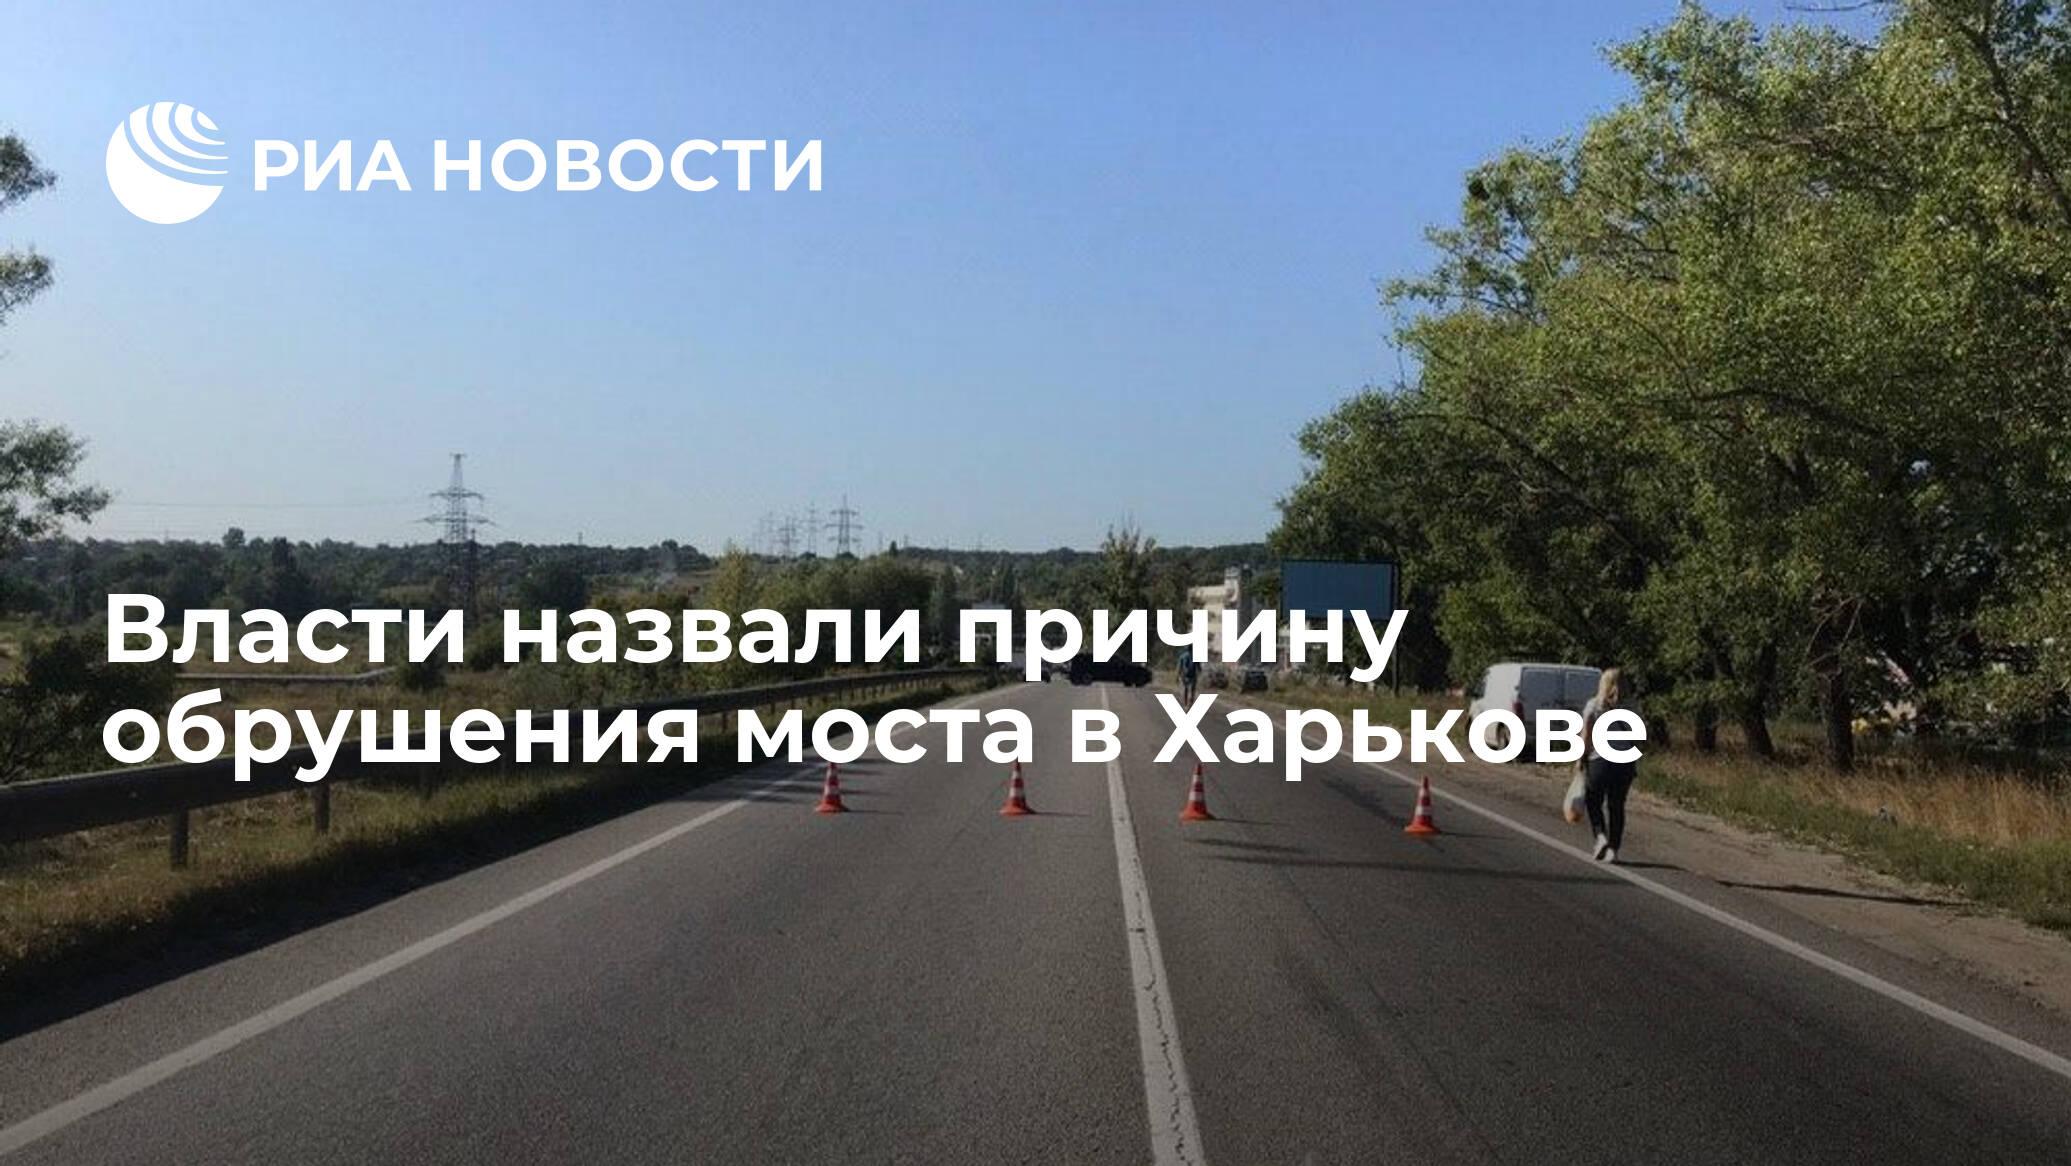 Власти назвали причину обрушения моста в Харькове